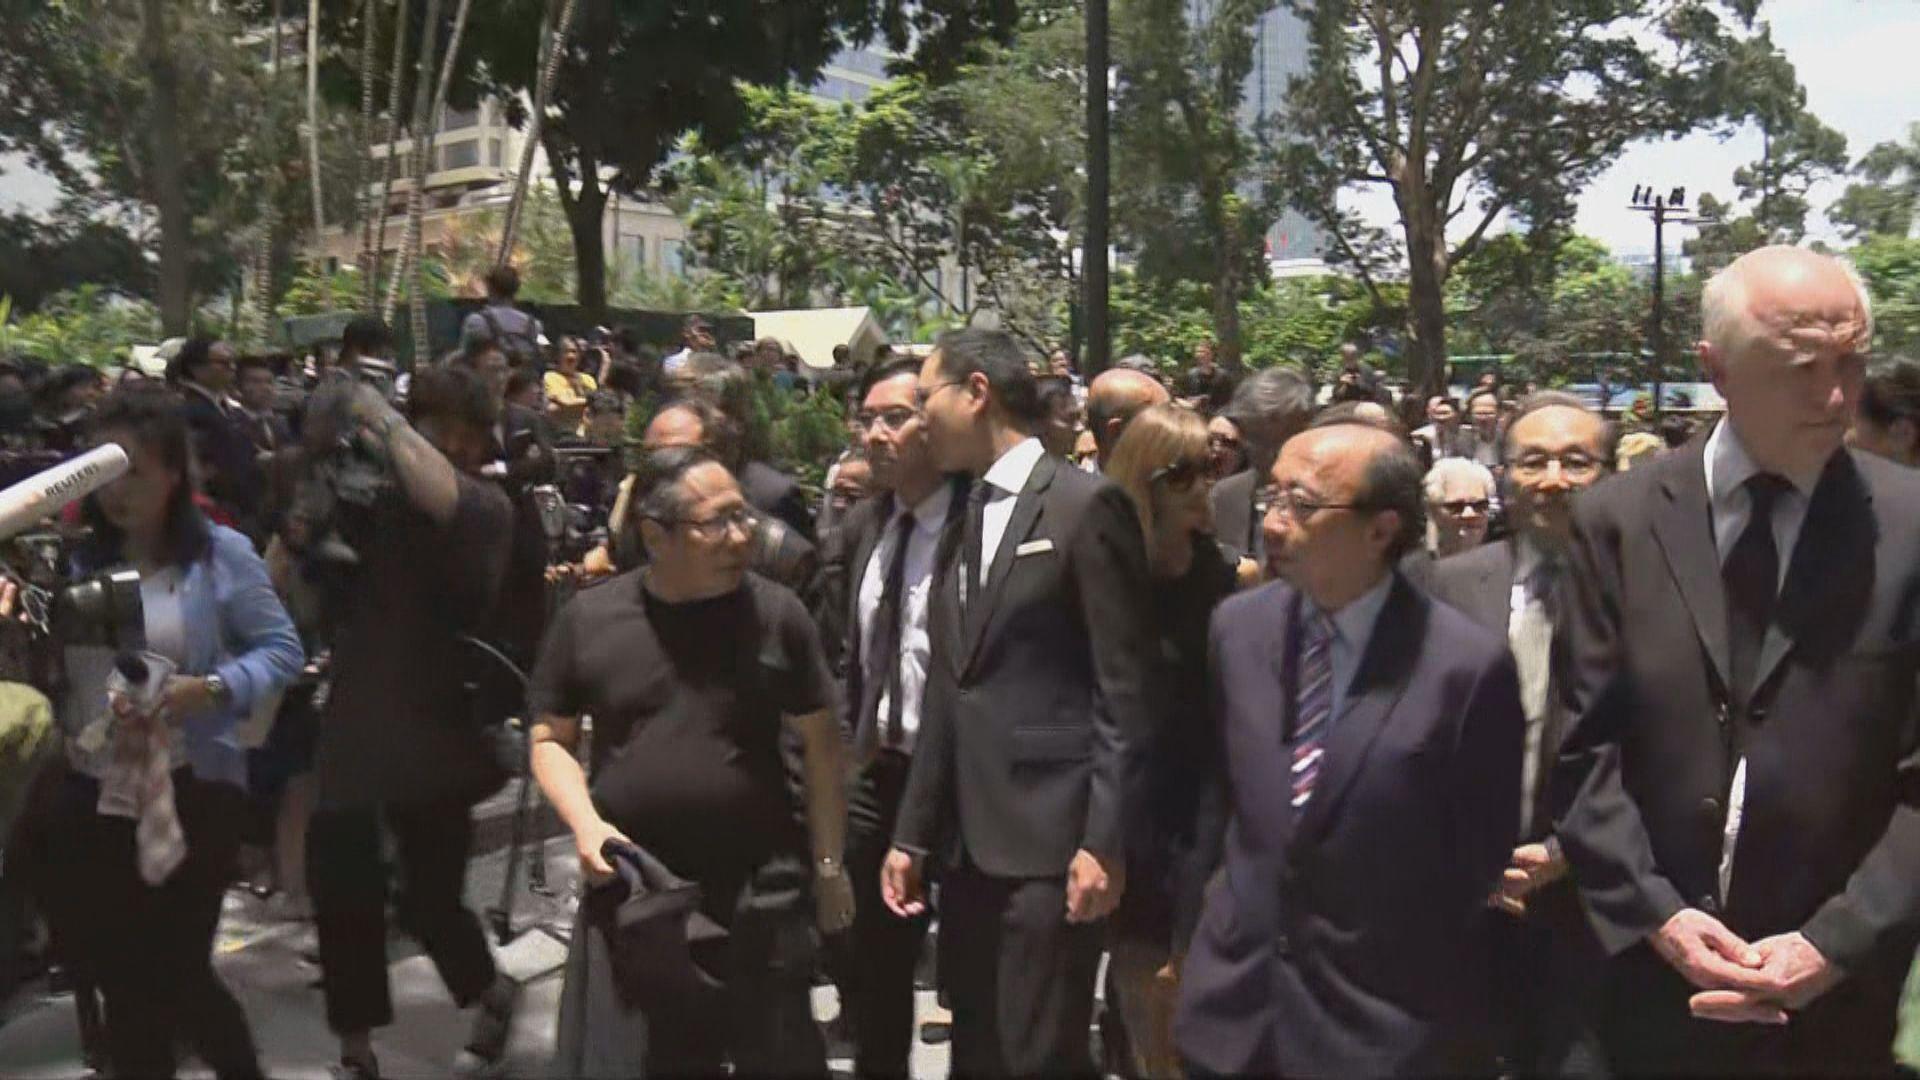 法律界發起靜默遊行反對政治檢控